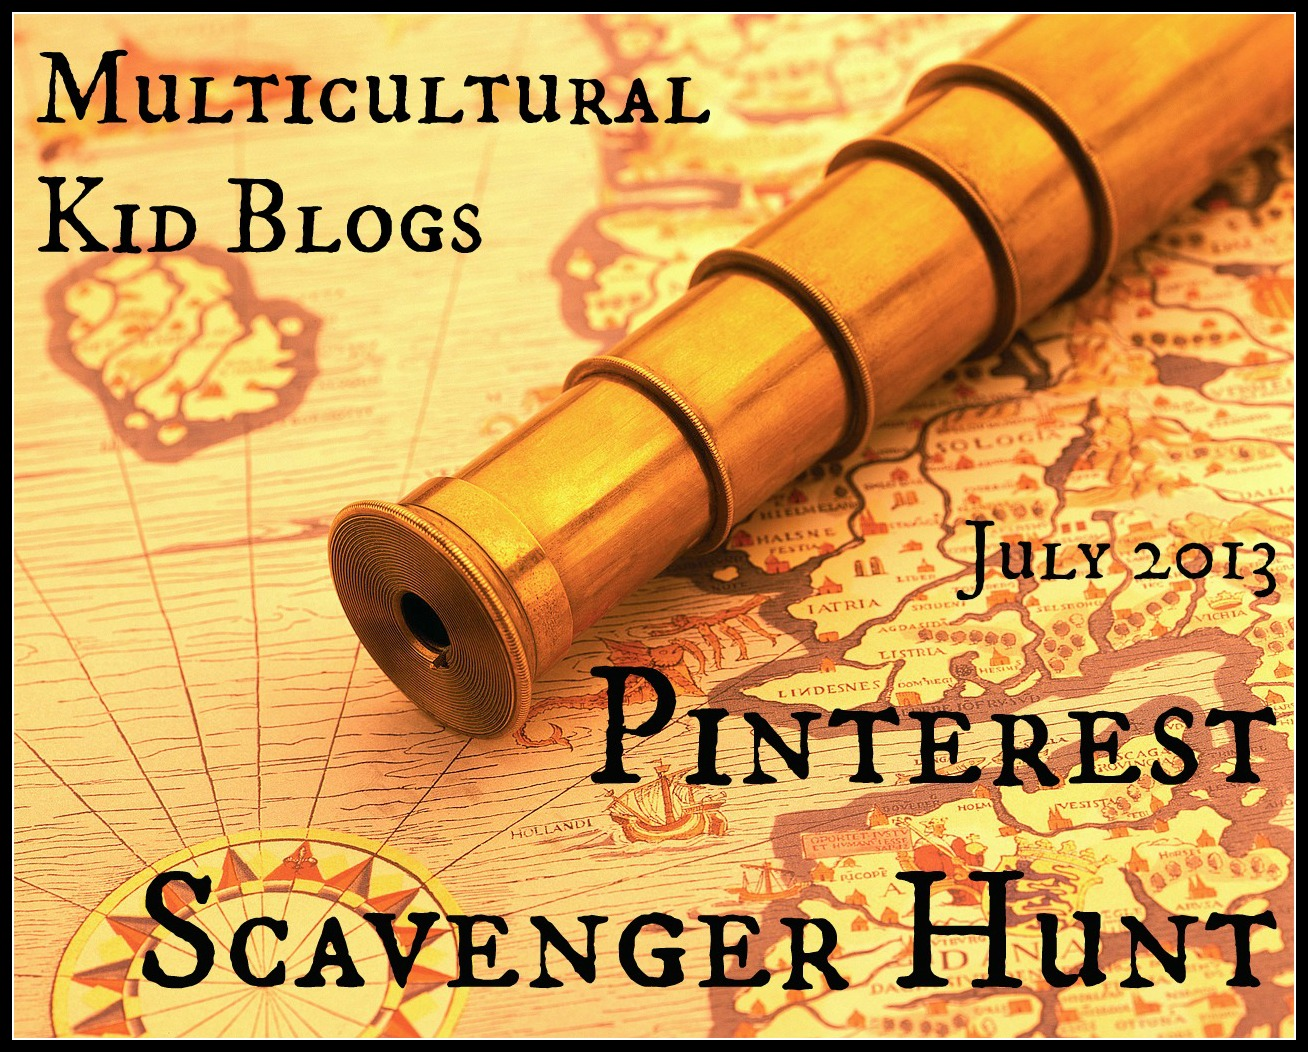 Multicultural Kid Blogs Pinterest Scavenger Hunt